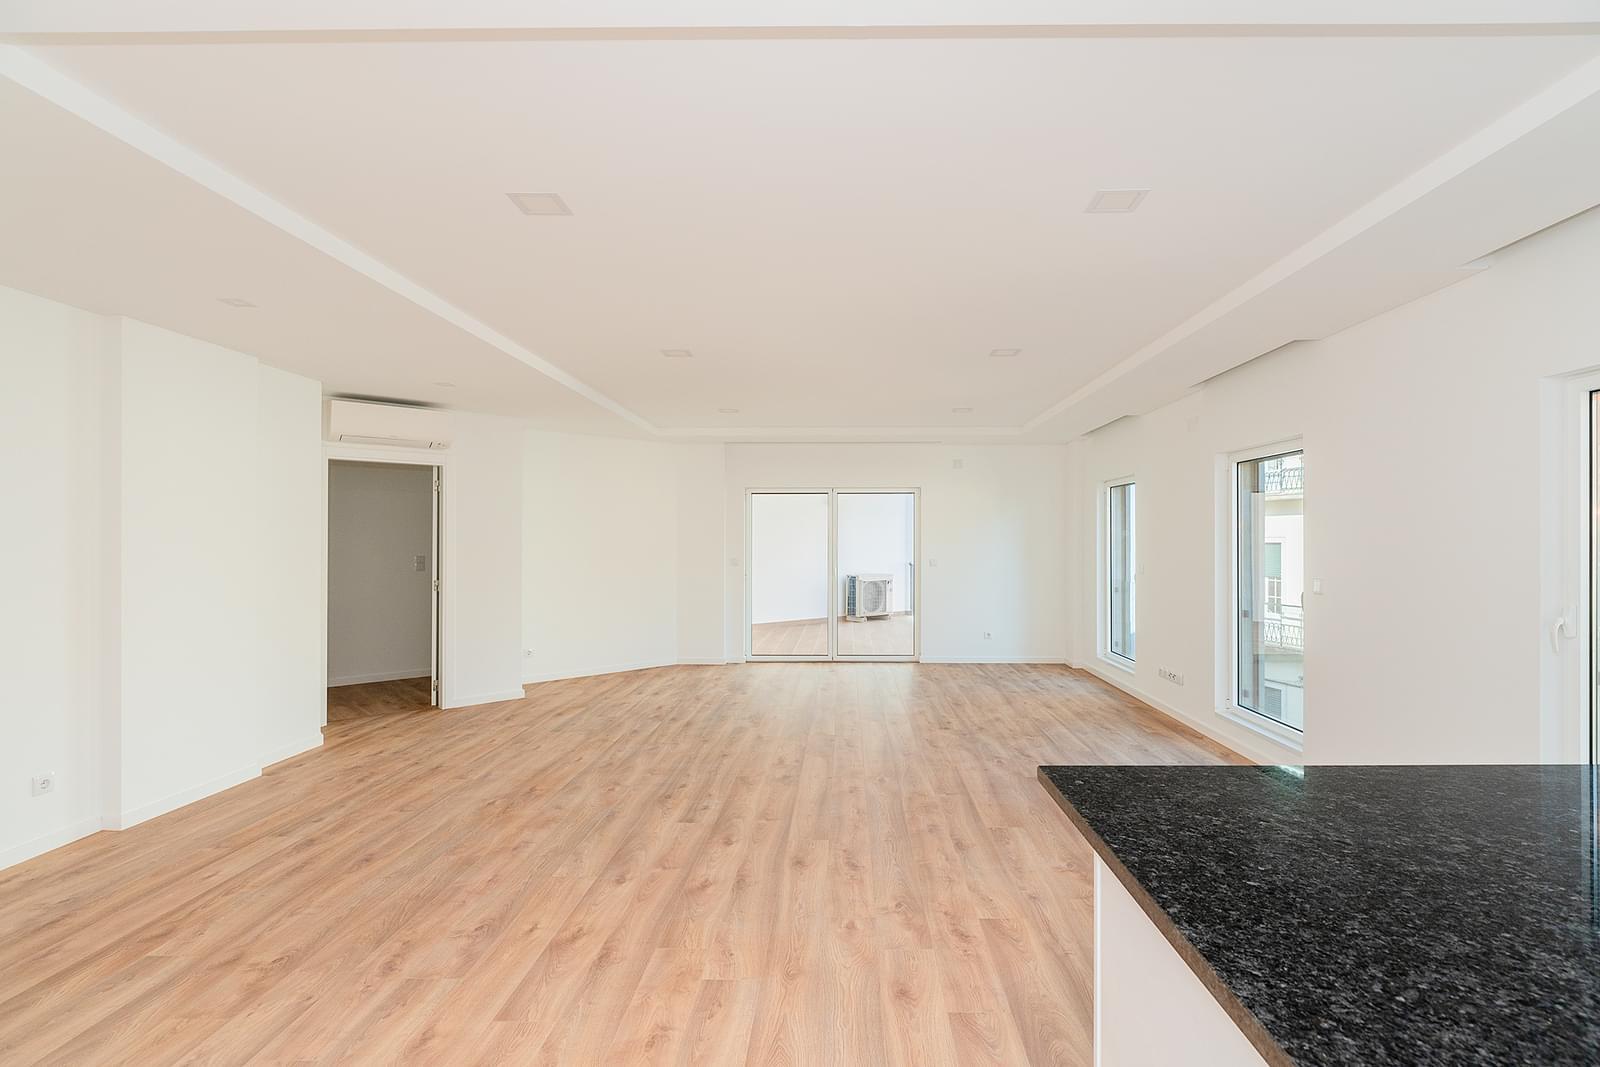 pf16829-apartamento-t1-lisboa-7198e53e-c694-4ace-816d-4aaae9ed5e1a